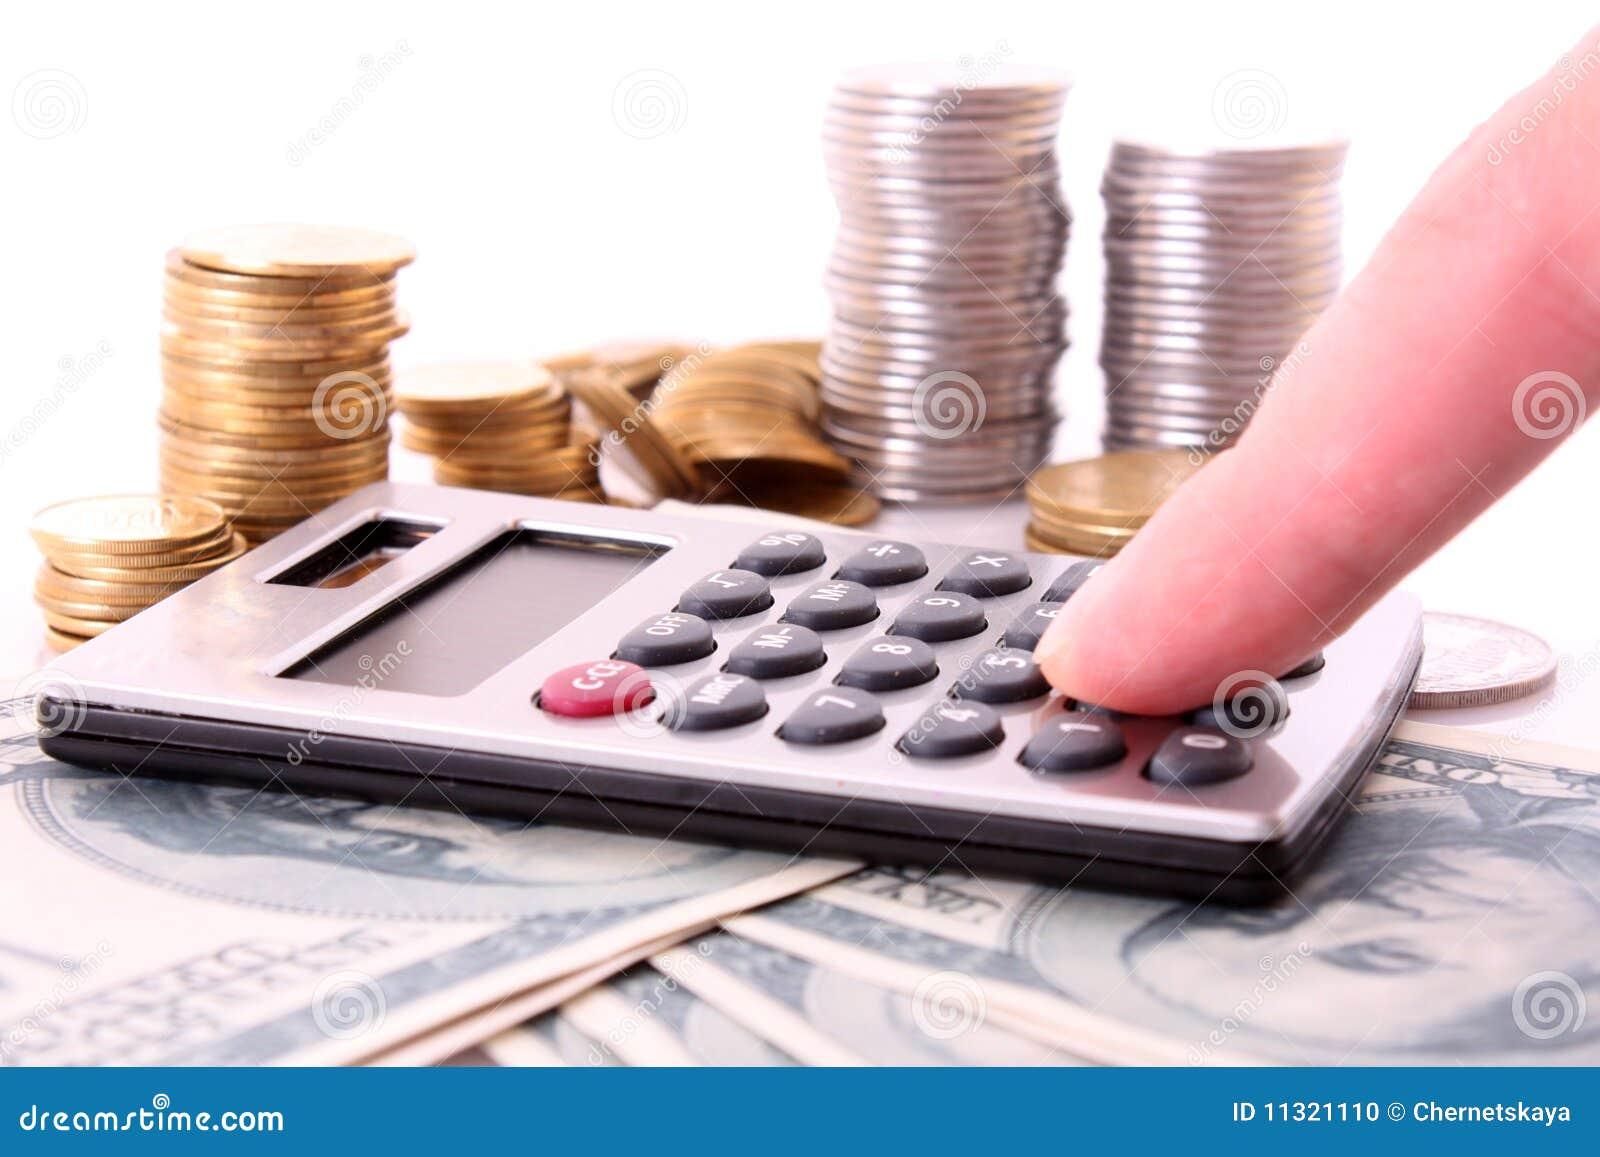 Berechnung des Geldes